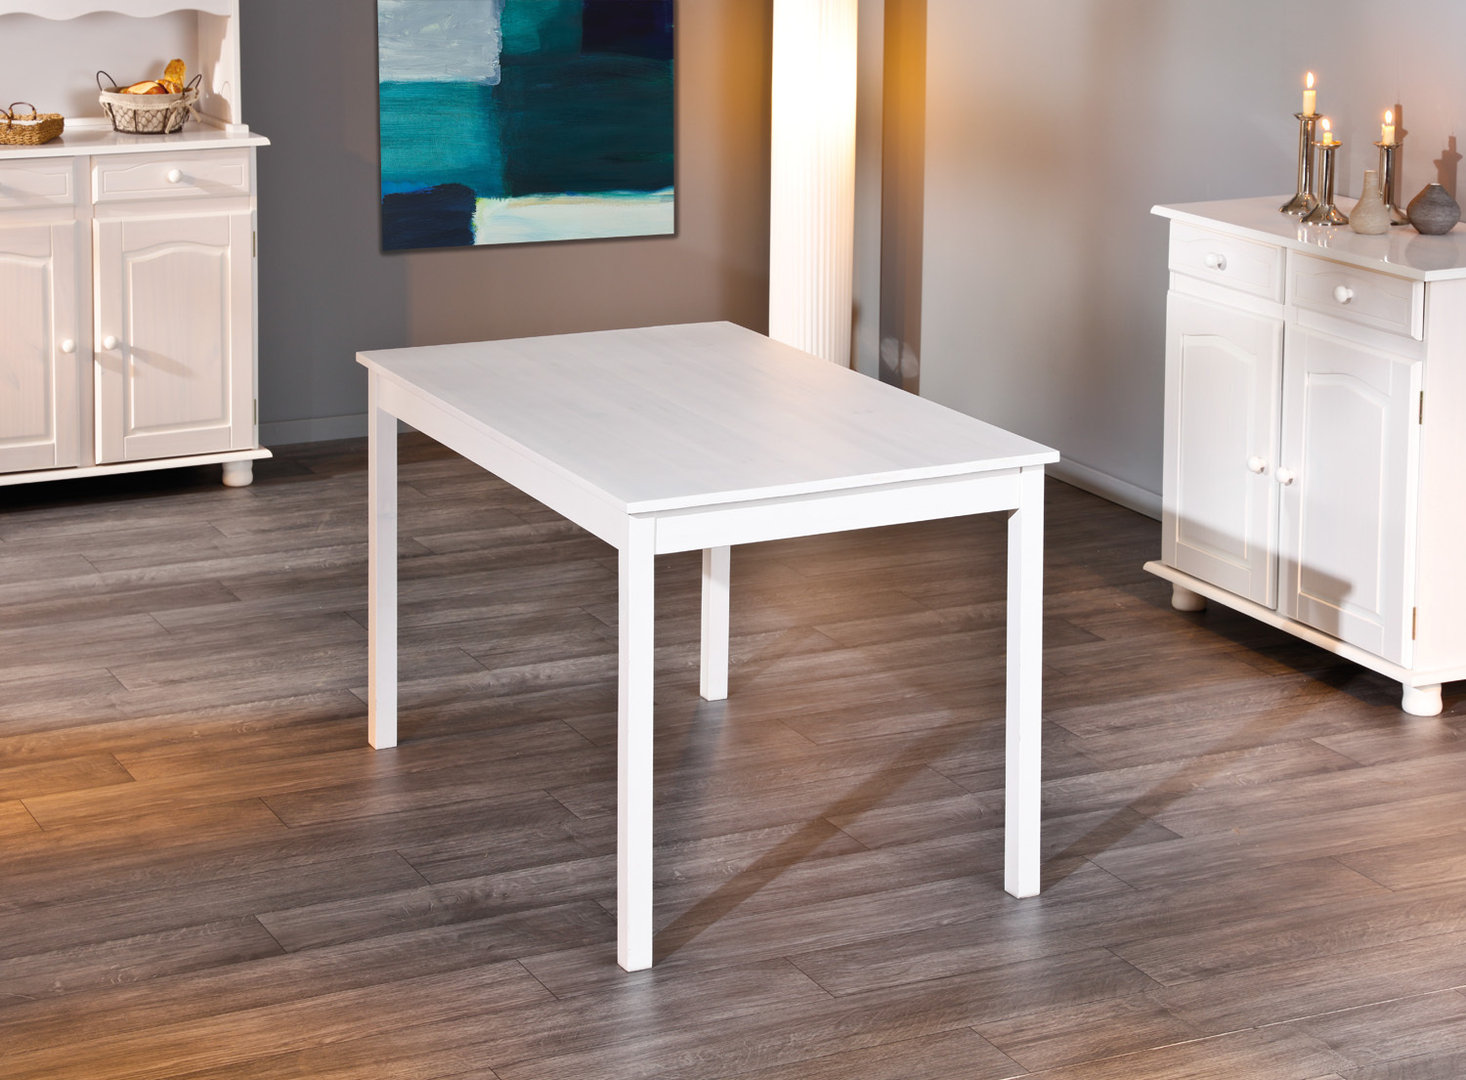 Divo tavolo moderno in legno bianco mobile per cucina sala - Tavoli da cucina in legno massello ...